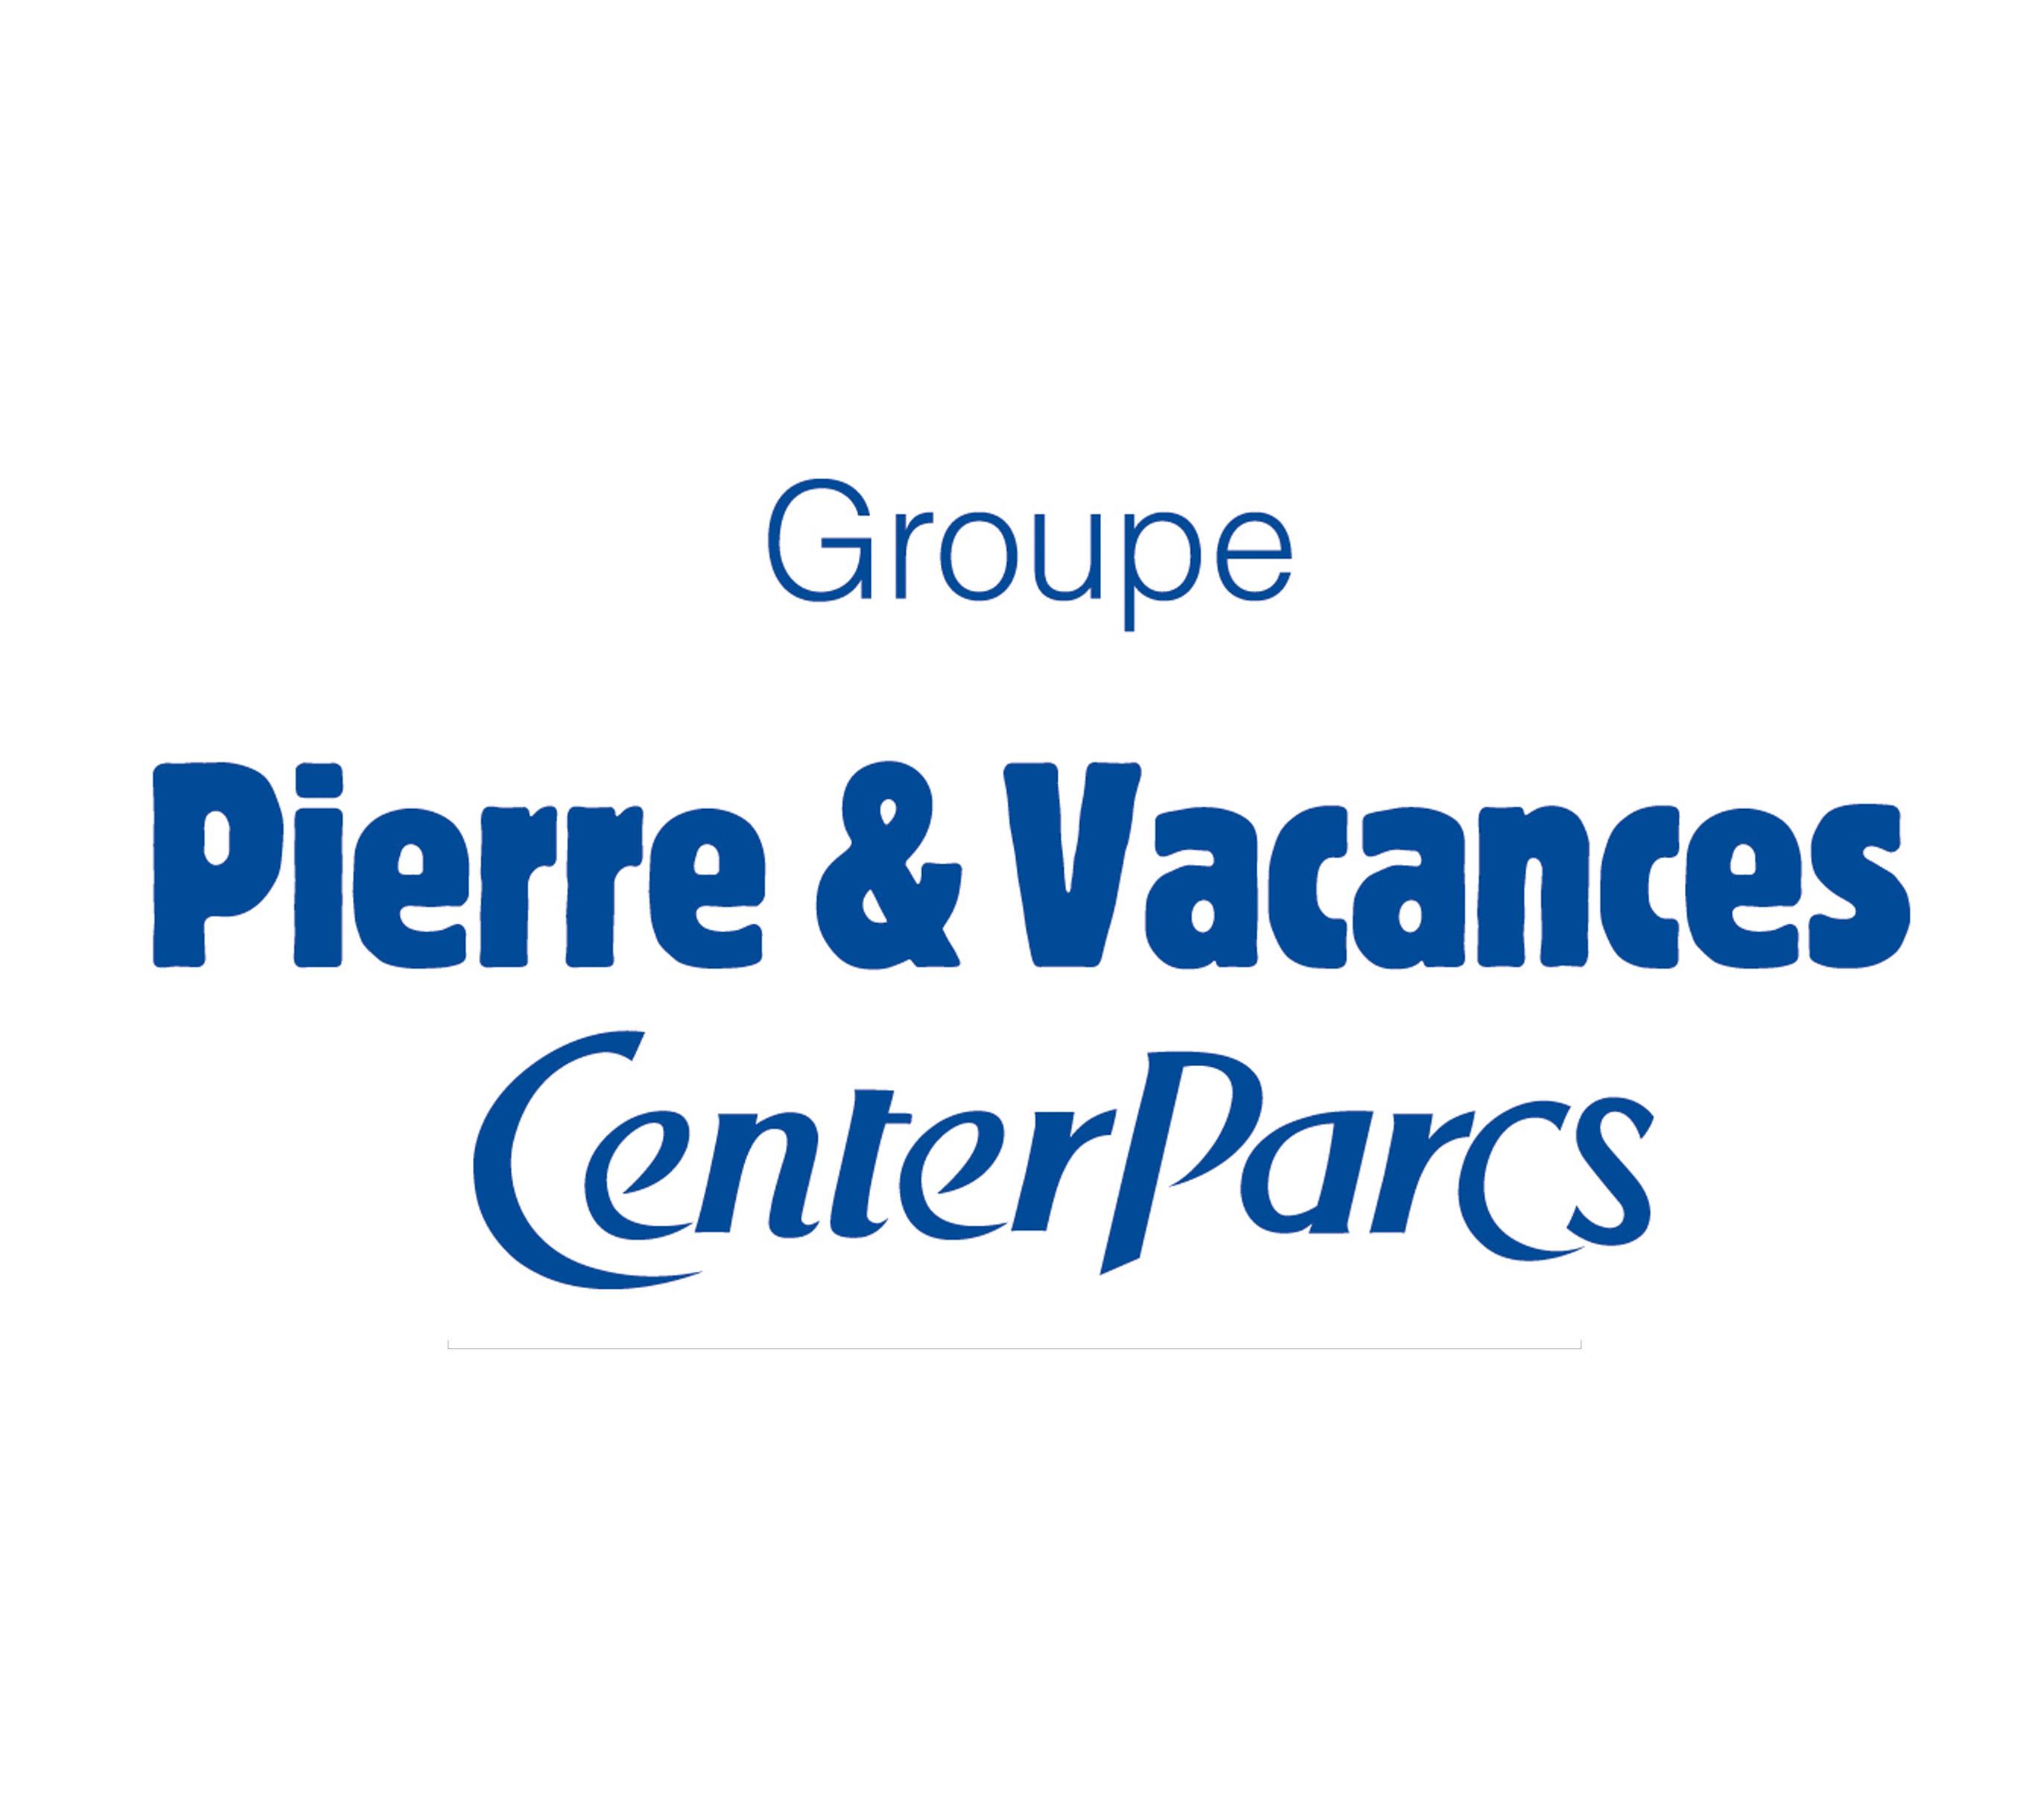 Pierre & Vacances-Center Parcs